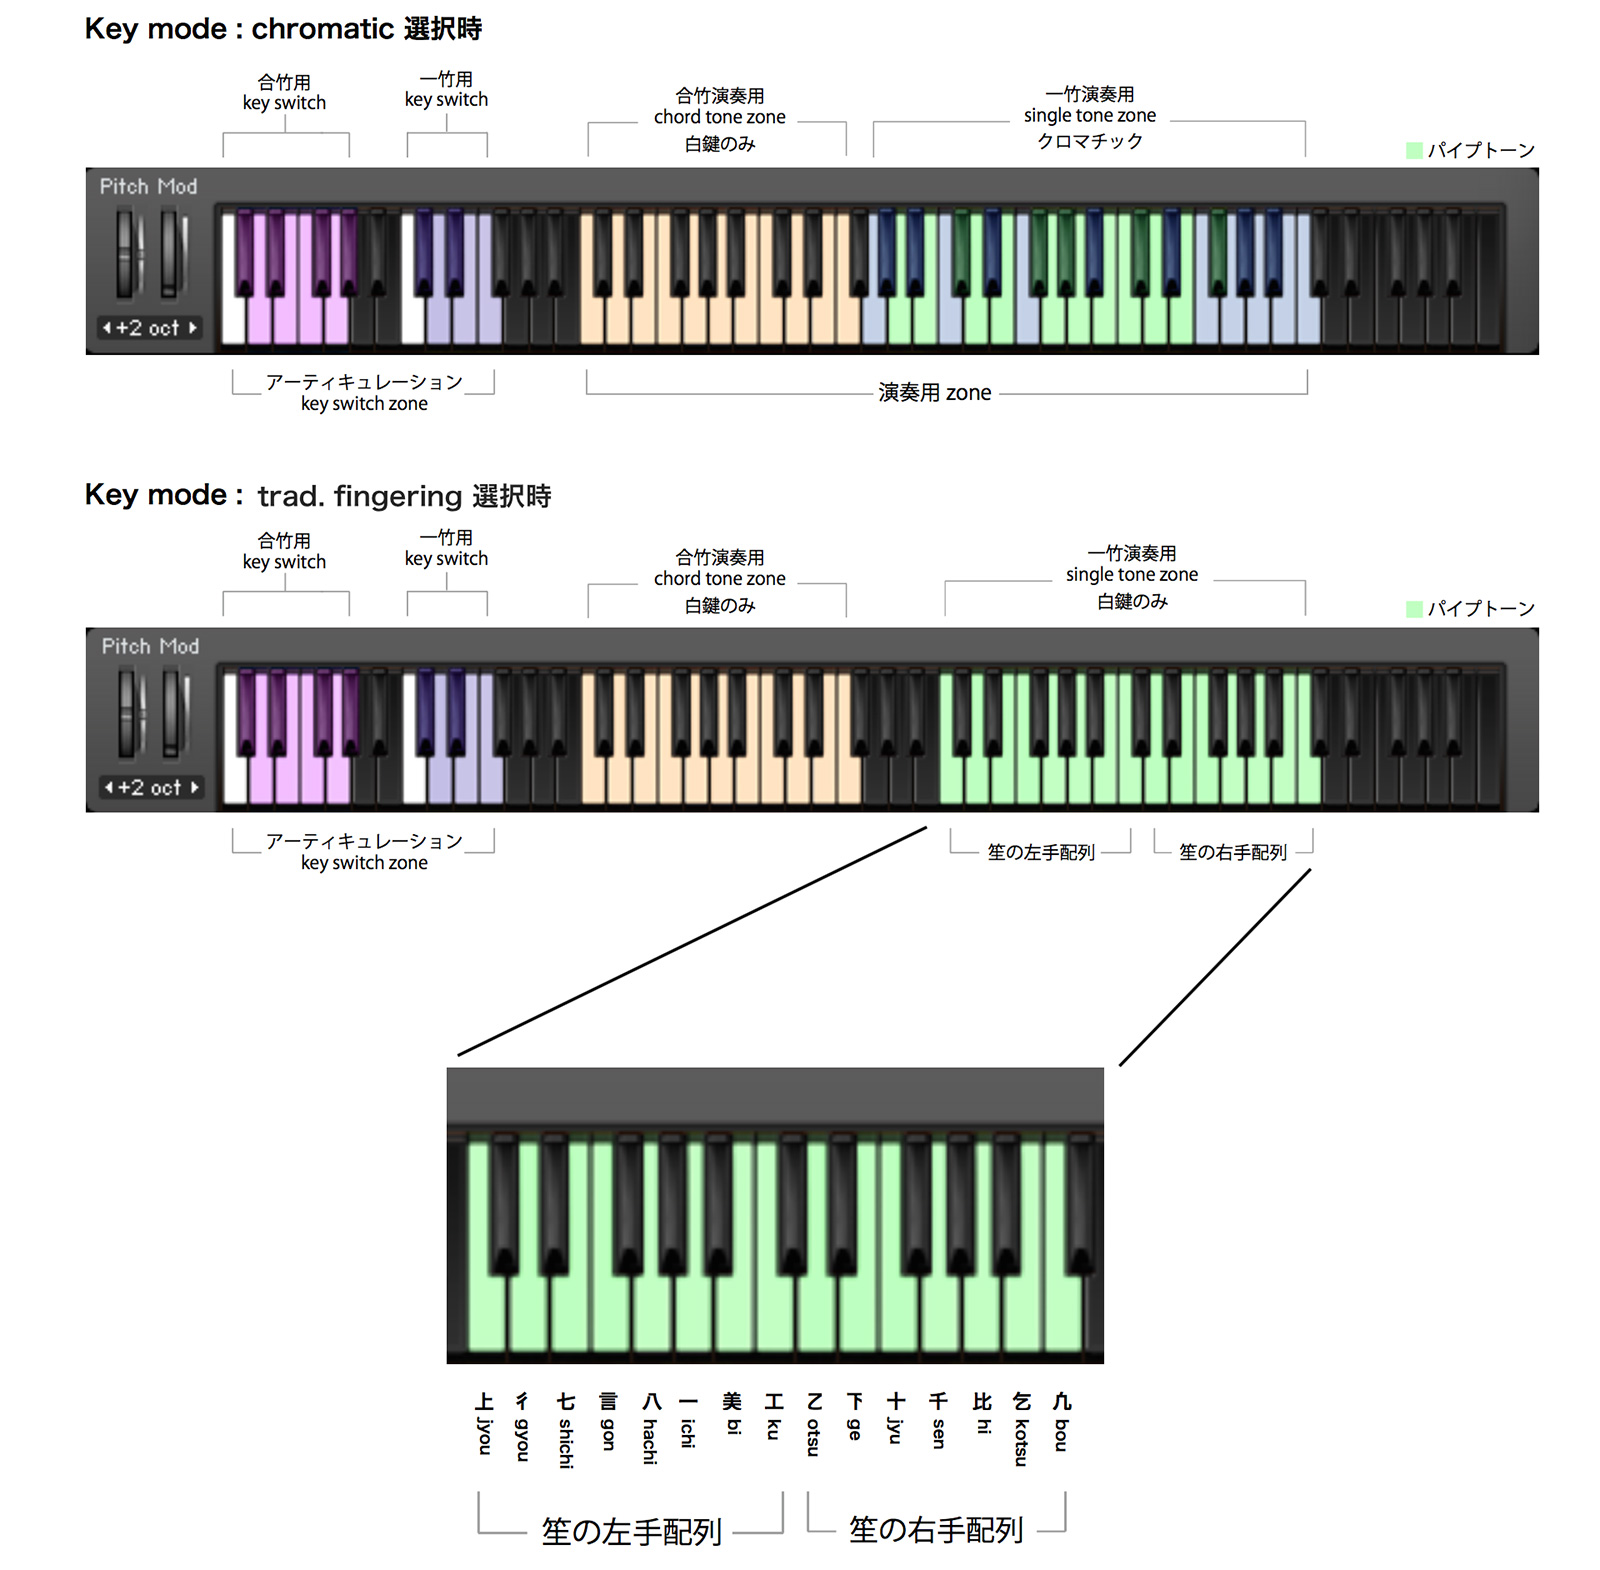 11_key-mode_layout